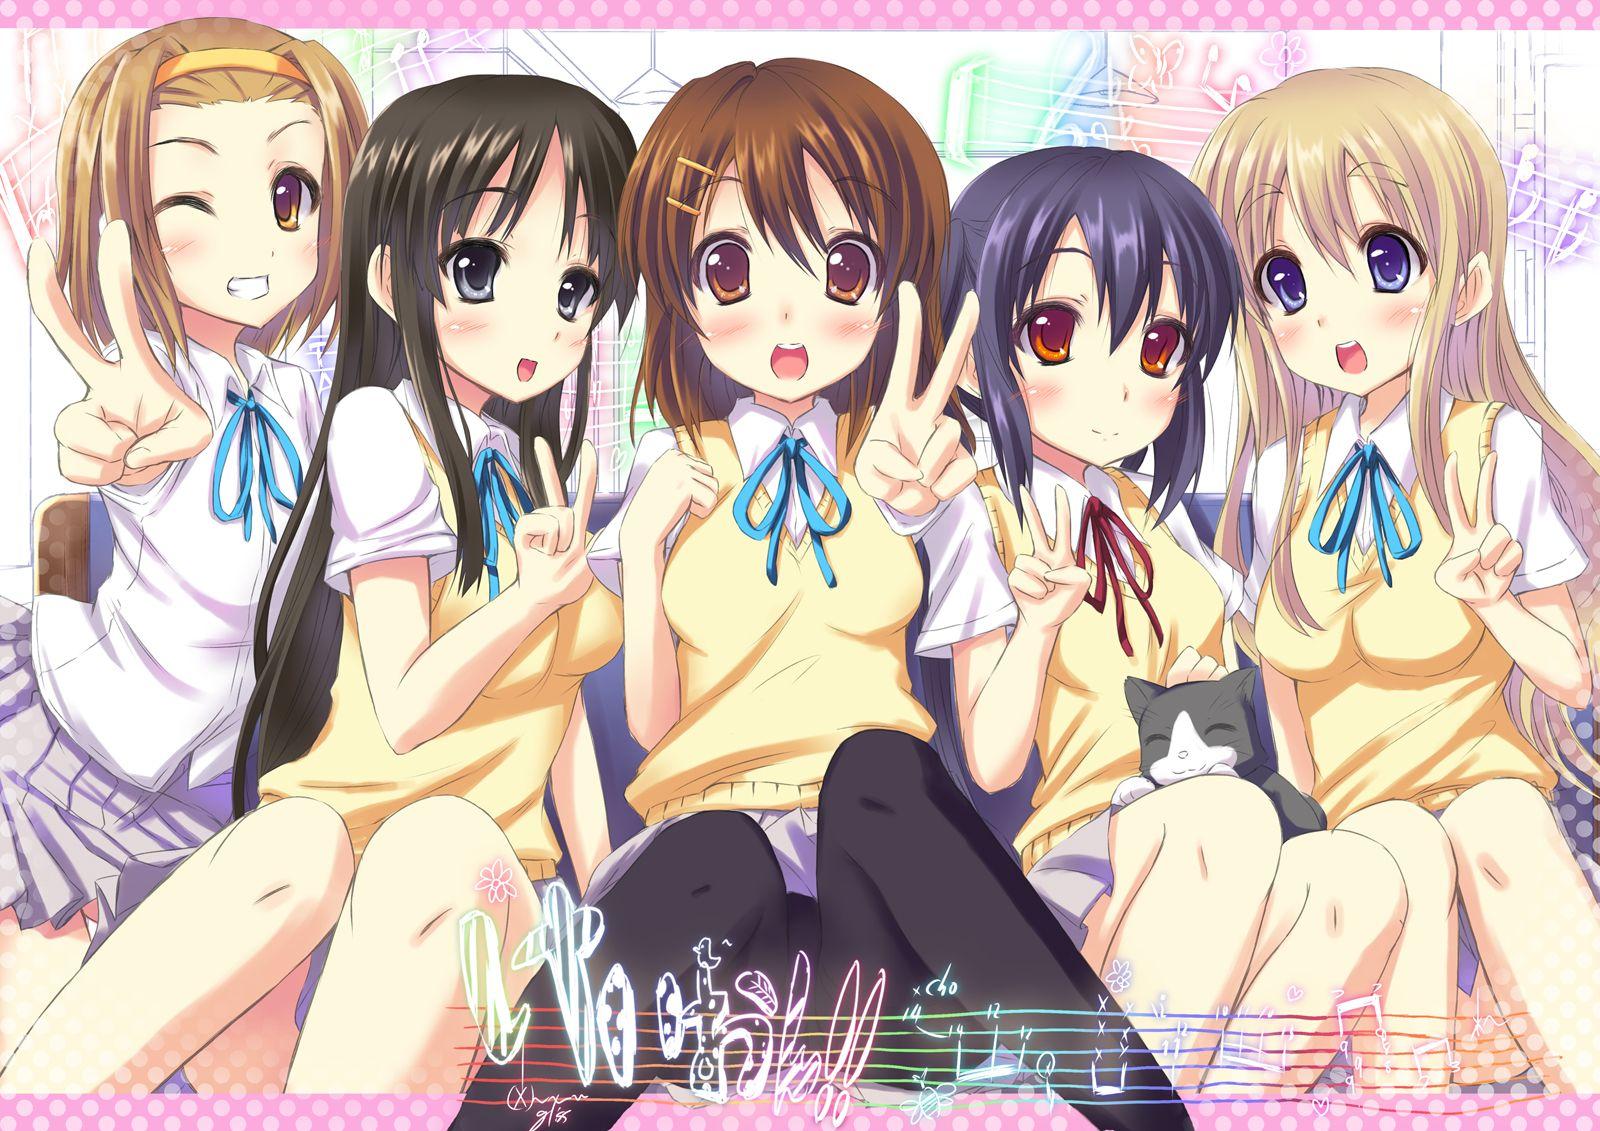 Konachan.com - 72752 akiyama_mio hirasawa_yui k-on! kotobuki_tsumugi nakano_azusa tainaka_ritsu